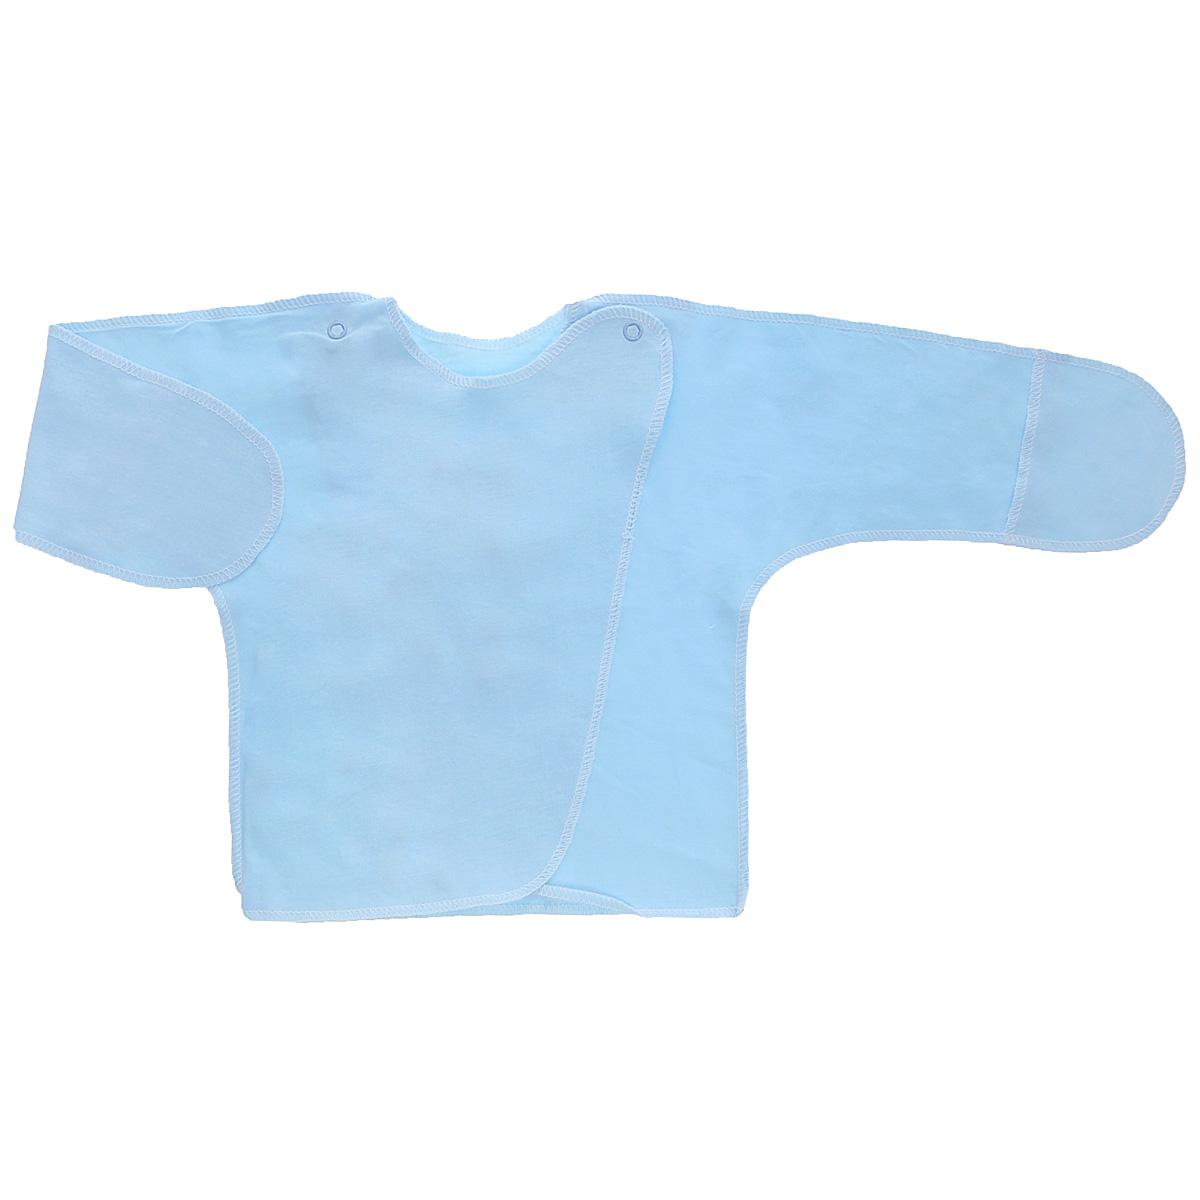 5003Распашонка с закрытыми ручками Трон-плюс послужит идеальным дополнением к гардеробу младенца. Распашонка, выполненная швами наружу, изготовлена из кулирного полотна - натурального хлопка, благодаря чему она необычайно мягкая и легкая, не раздражает нежную кожу ребенка и хорошо вентилируется, а эластичные швы приятны телу малыша и не препятствуют его движениям. Распашонка с запахом, застегивается при помощи двух кнопок на плечах, которые позволяют без труда переодеть ребенка. Благодаря рукавичкам ребенок не поцарапает себя.